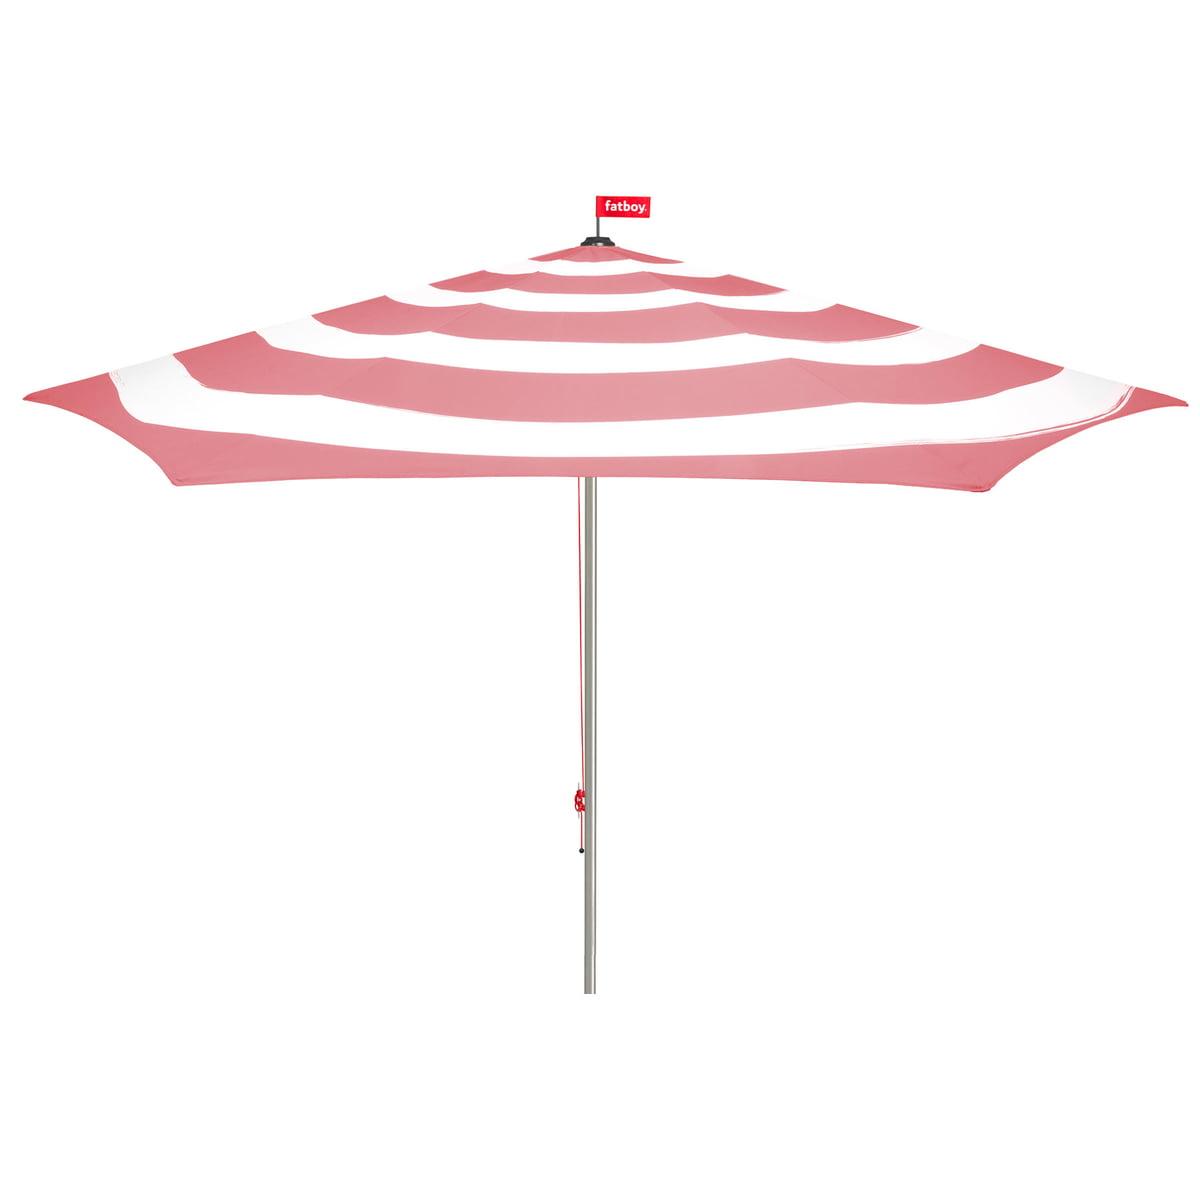 Fatboy - Stripesol Sonnenschirm, deep blush   Garten > Sonnenschirme und Markisen   Altrosa   Fatboy